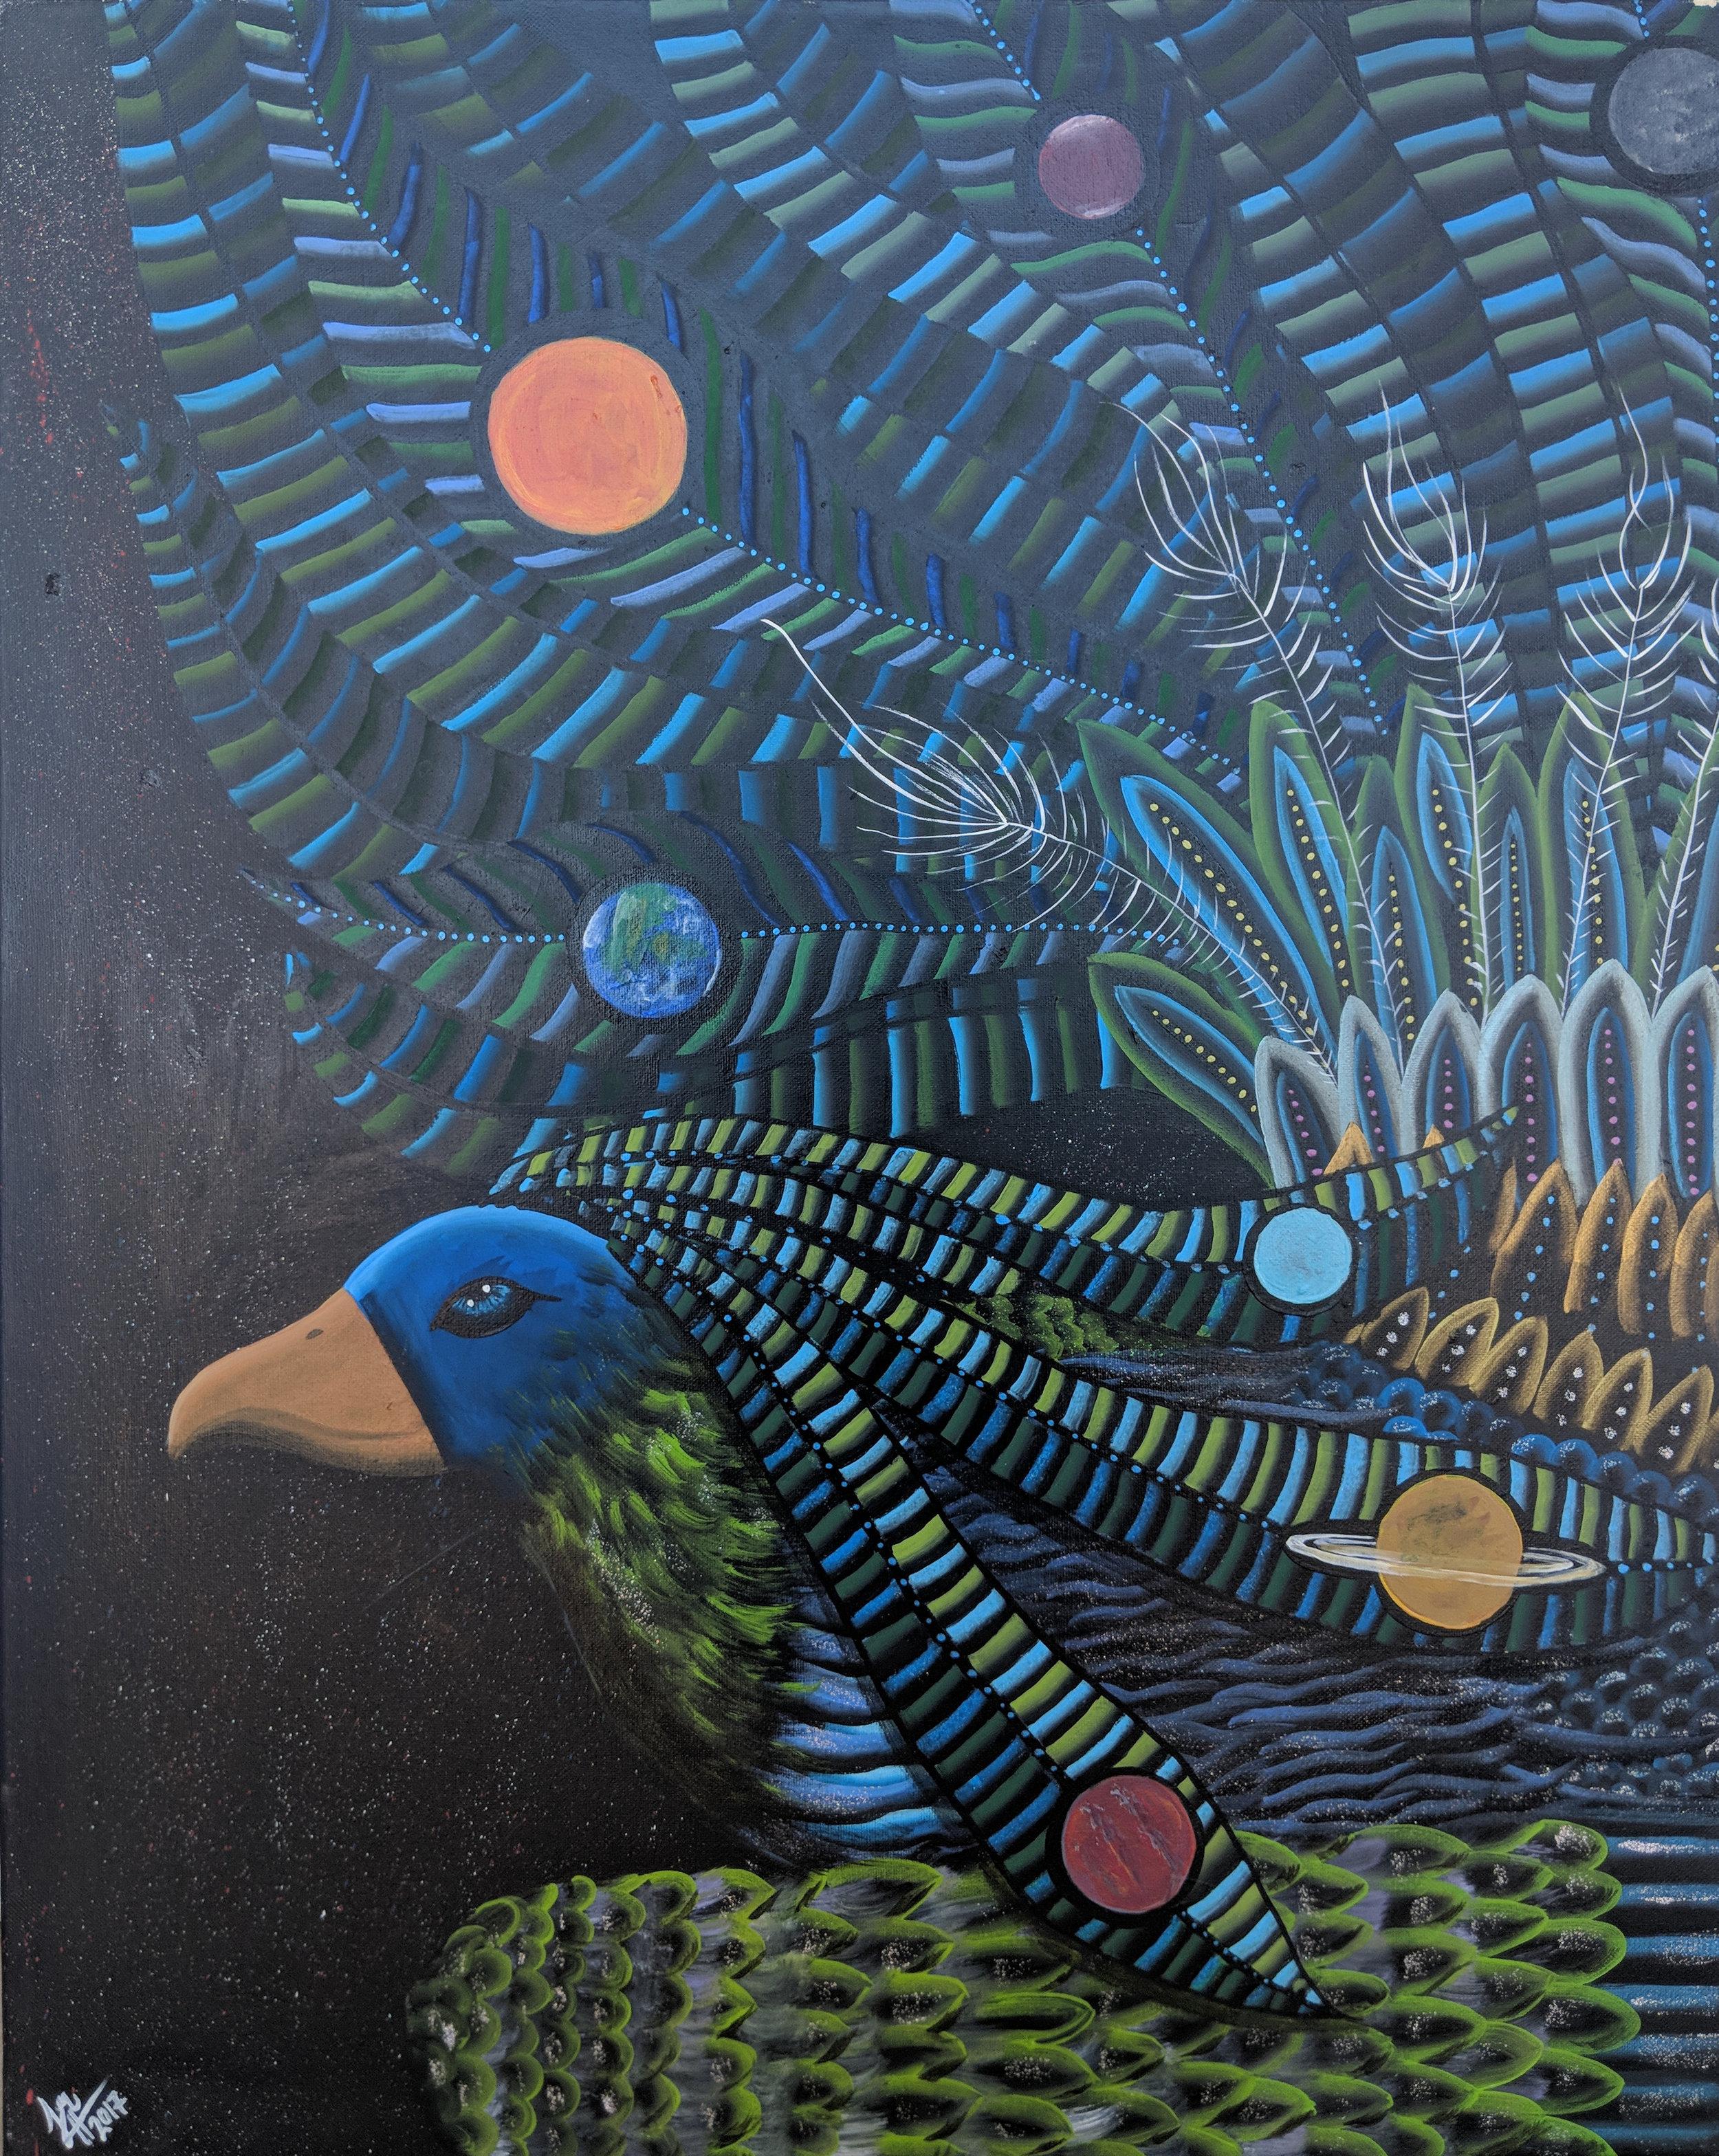 Juan Hernandez - Feathers.jpg